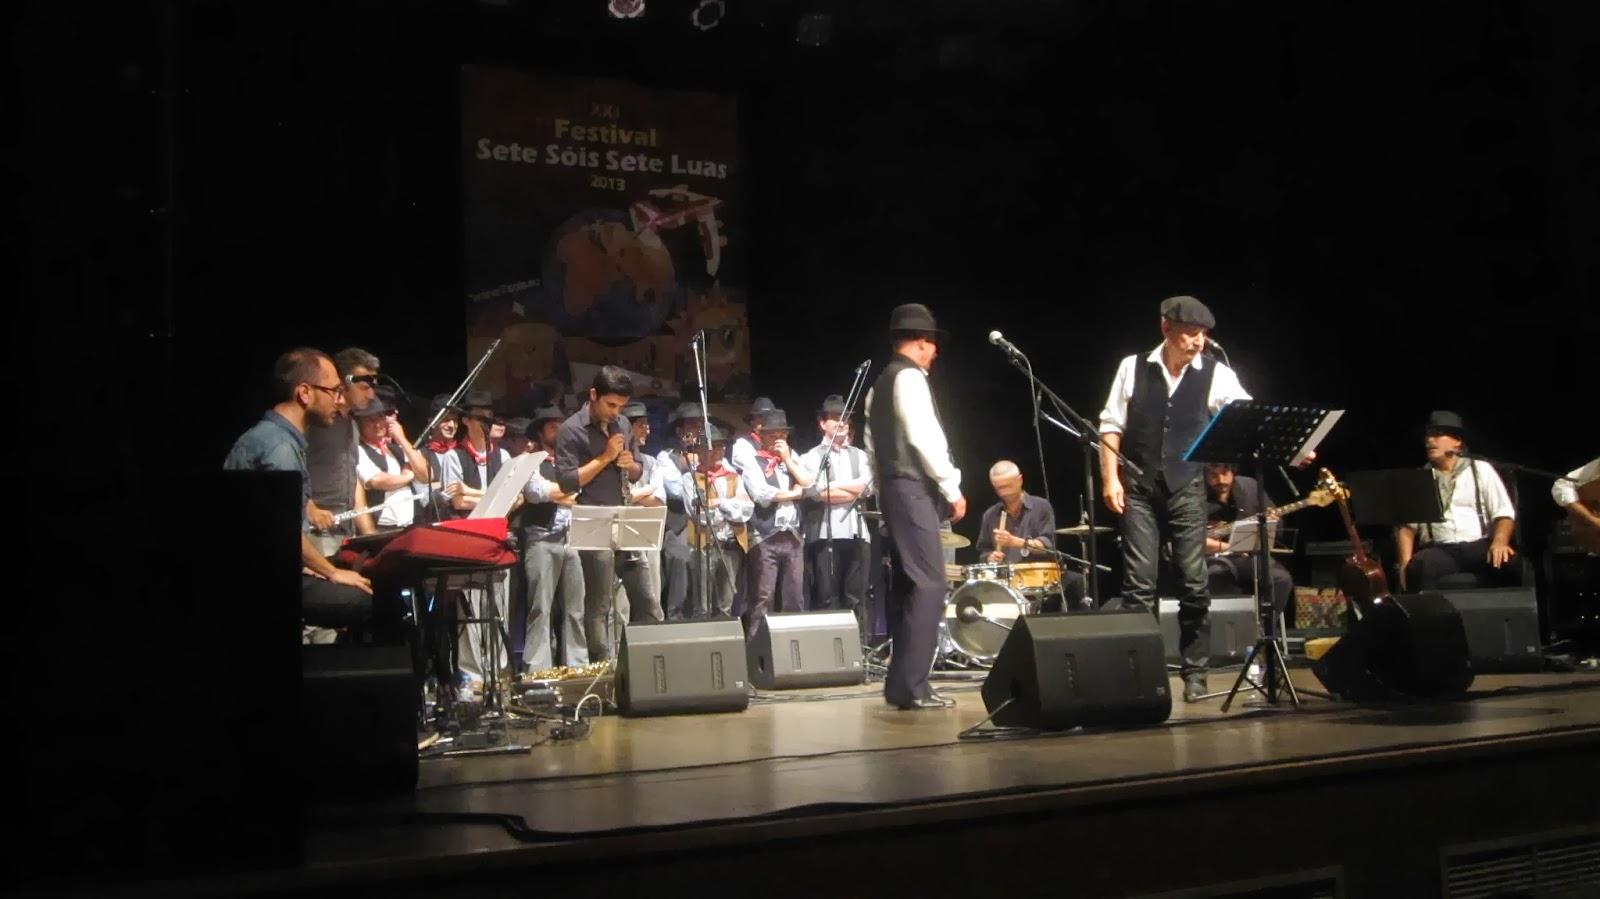 Cantadores De Redondo Grupo Cantadores Do Redondo O Cante Da Terra